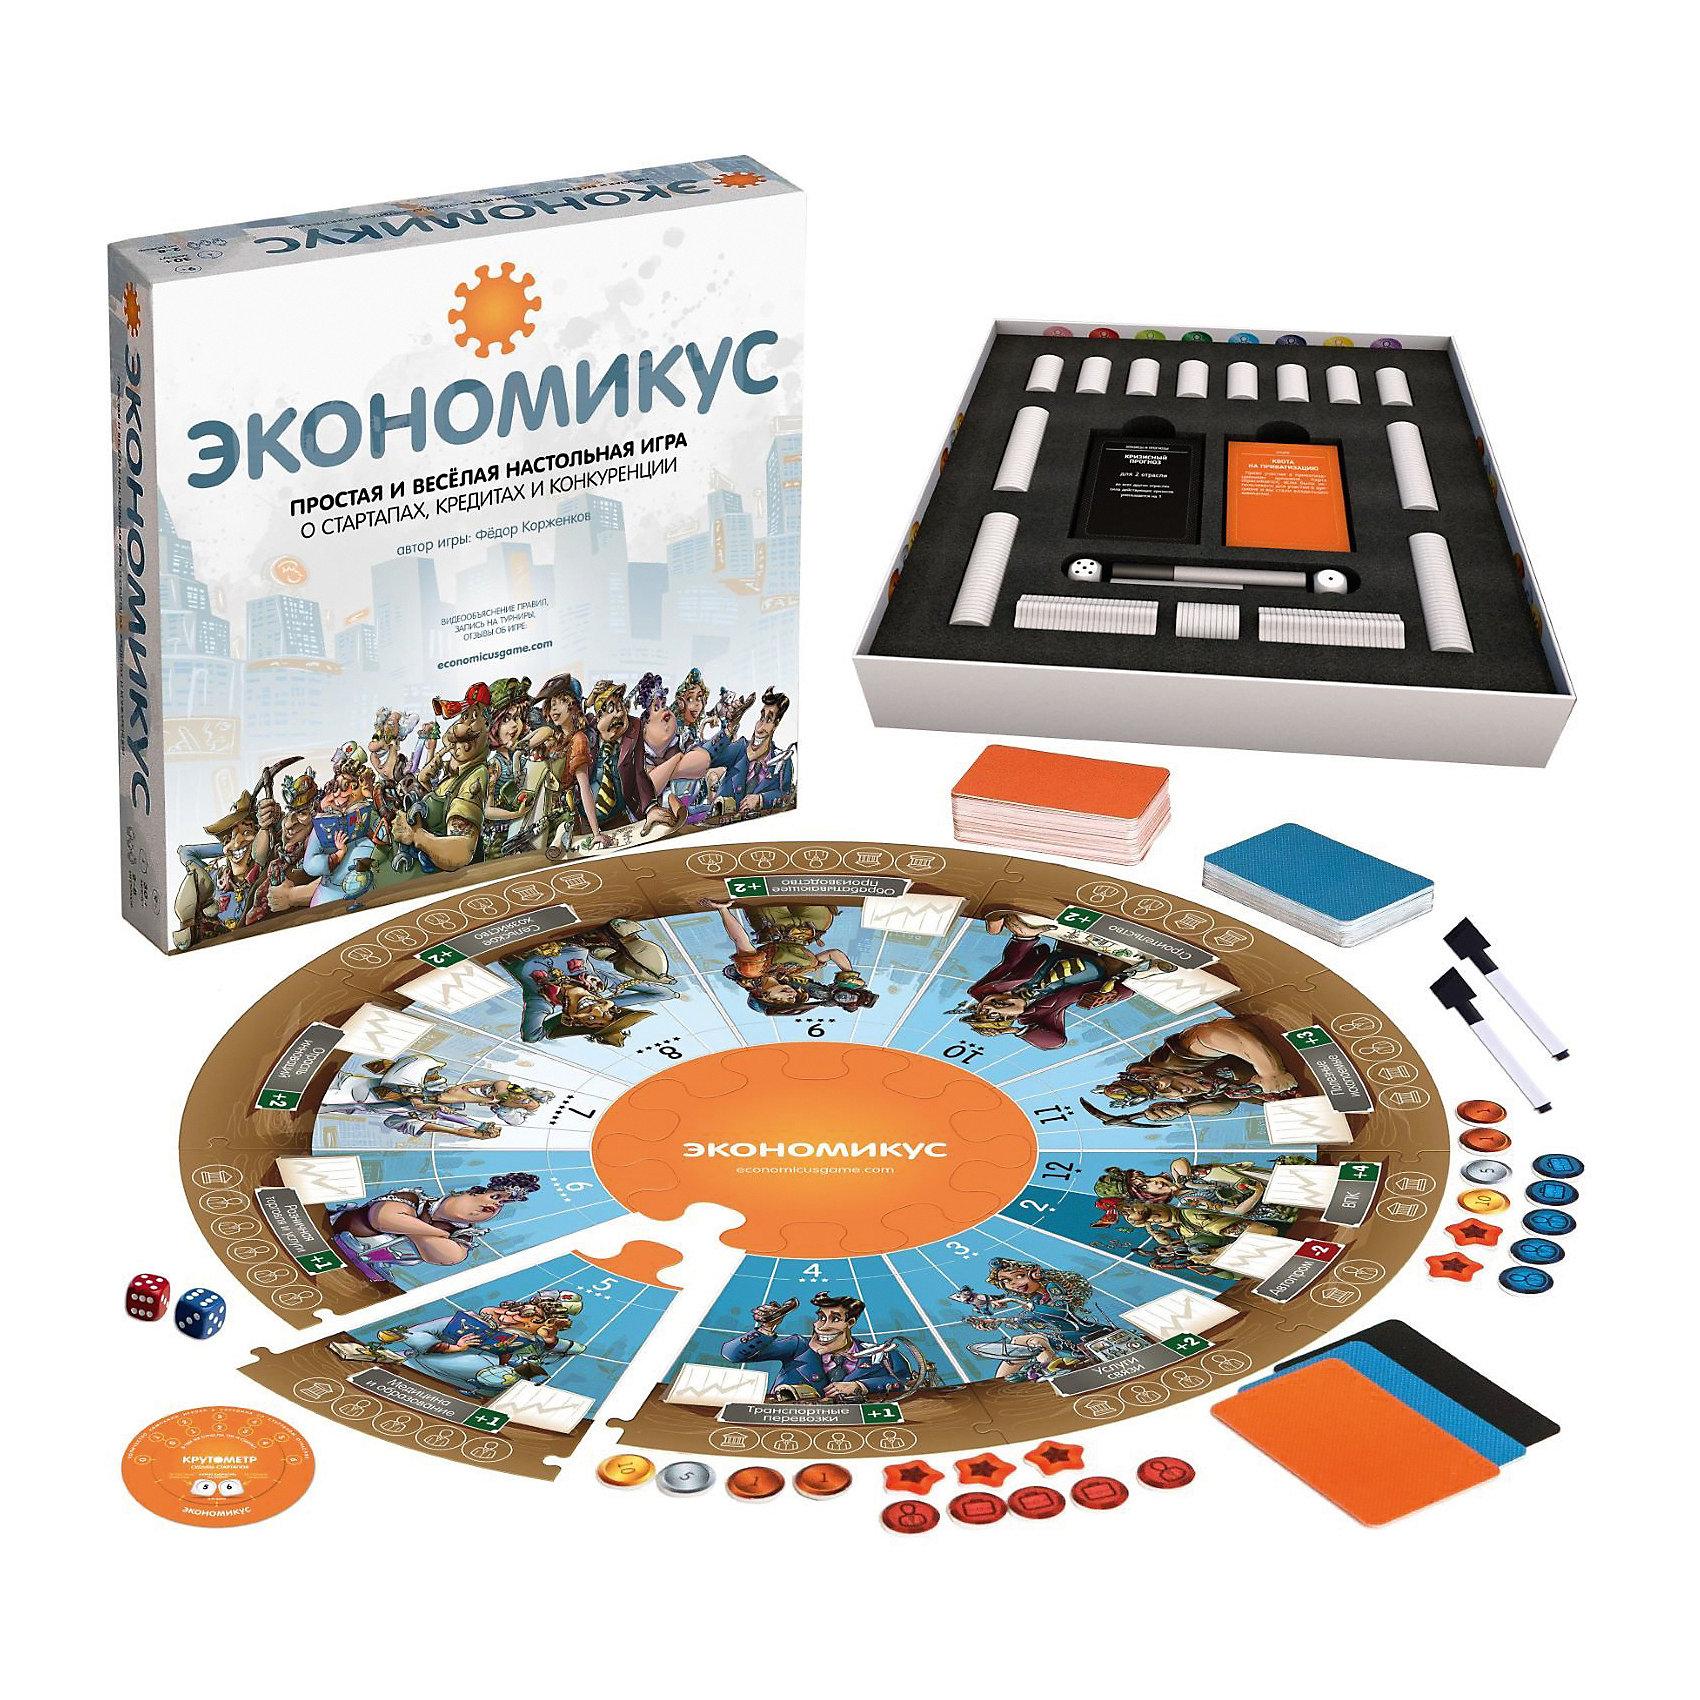 Настольная игра Экономикус, МагелланИгры для развлечений<br>Характеристики:<br><br>• возраст: от 9 лет<br>• комплектация: составное игровое поле из 11 сегментов, карты кризисов, событий и опций 112 карт, фишки компаний и стартапов по 15 шт для 8 игроков, жетон активной отрасли, жетоны силы кризиса и кризисного прогноза, 100 монет номиналом 1, 5 и 10, Звёзды Репутации 50 шт., игровые кубики 2 шт., стираемые маркеры для записи цен компаний на игровом поле 2 шт., правила игры<br>• материал: картон<br>• количество игроков: от 2 до 8 человек<br>• время игры: 30 минут<br>• упаковка: картонная коробка<br>• размер упаковки: 29,5x7x29,5 см.<br>• вес: 1,16 кг.<br><br>Экономикус - это легкая и весёлая настольная игра, доступная для детей и интересная взрослым. Пока одни игроки расчетливо торгуются за компании в прибыльных отраслях, другие испытывают удачу, создавая стартапы. Цель игры - получить победное число звезд репутации за присутствие и преимущество в разных отраслях.<br><br>Отрасли выпадают в игре с разной вероятностью, от этого зависит, как часто компании приносят прибыль и как легко там купить и продать компании и создать стартапы. Каждый раз поле составляется по-новому, а соседство отраслей влияет на выбор стратегии игры. Цены на компании зависят от спроса, создаваемого игроками - один из путей к победе - предугадать, где другие игроки начнут взвинчивать цены. <br><br>Без везения в бизнесе никуда, но всё же именно, ваши решения за какую цену и где покупать компании и создавать стартапы, когда использовать карты опций и связываться ли с кредитами и кризисными отраслями - определяют вашу игровую стратегию.<br><br>Иногда вовремя продать компанию выгоднее, чем ждать от неё прибыль. Используйте экономические события и игровые карты себе на пользу: даже кризисы могут оказаться вам на руку. Будьте осторожны с картами преступлений, ваша репутация может оказаться под угрозой.<br><br>Каждый ход сразу все игроки принимают участие в игре - получают прибыль, торгуются за покупку 